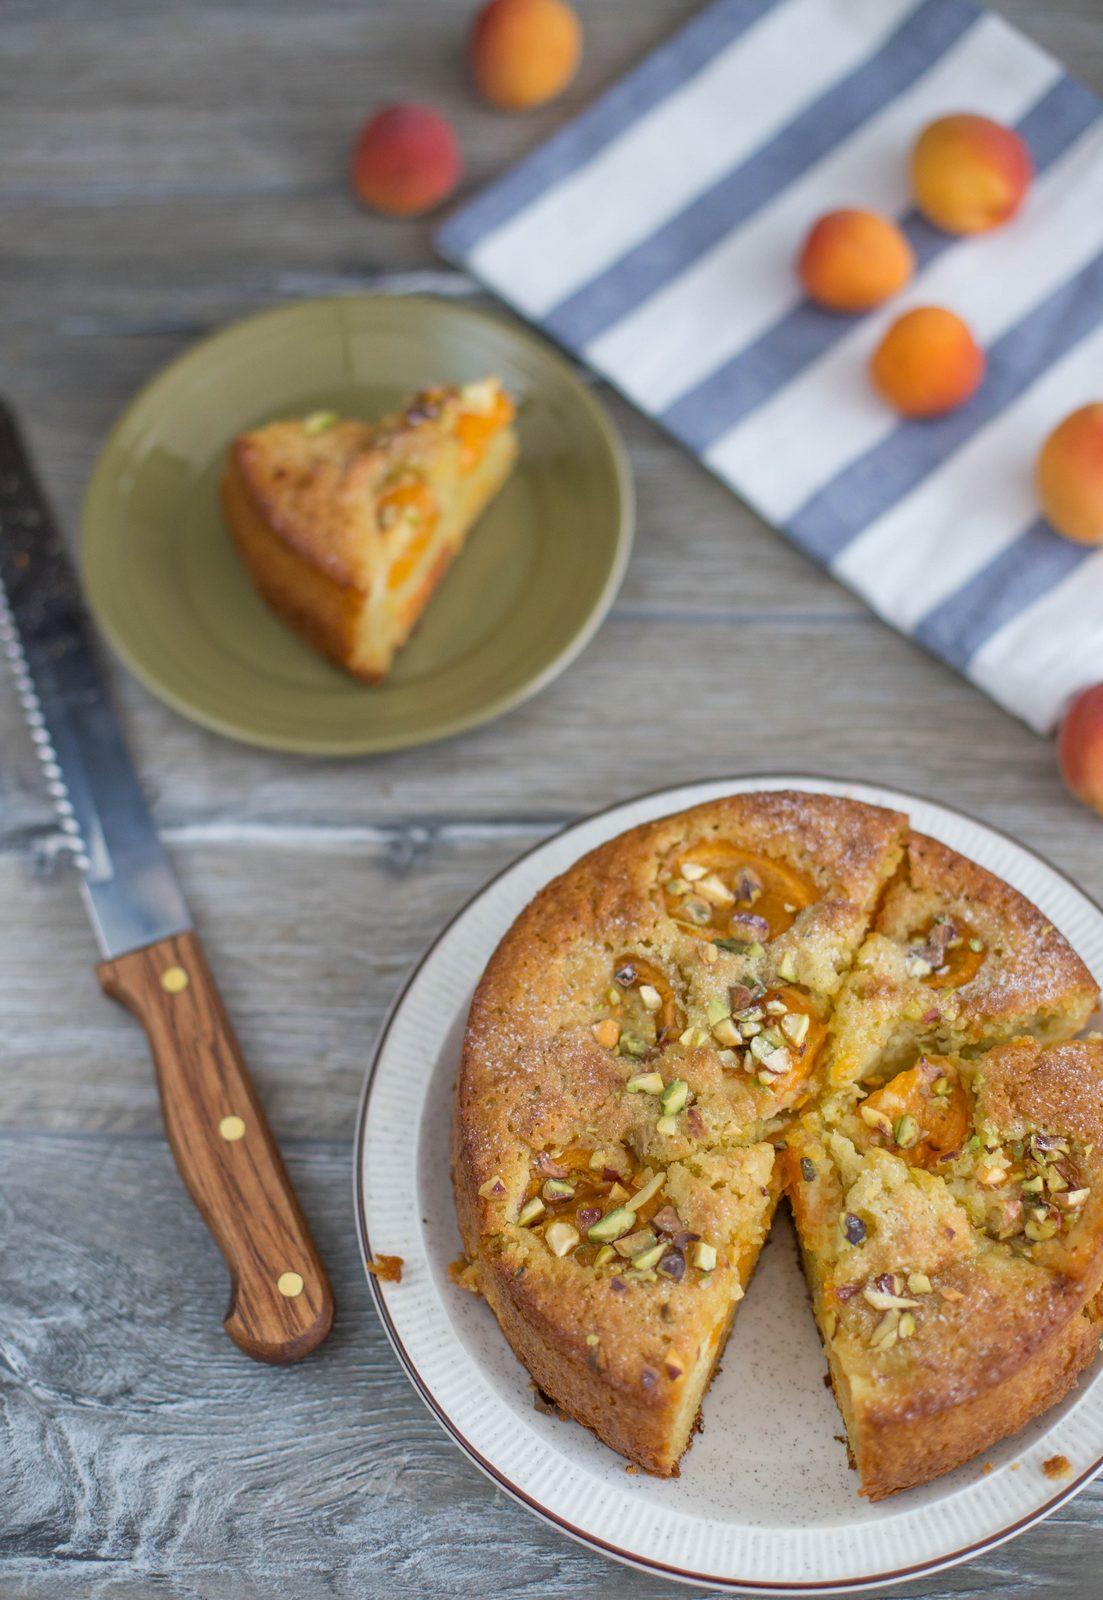 Prăjitură cu caise, ulei de măsline și fistic